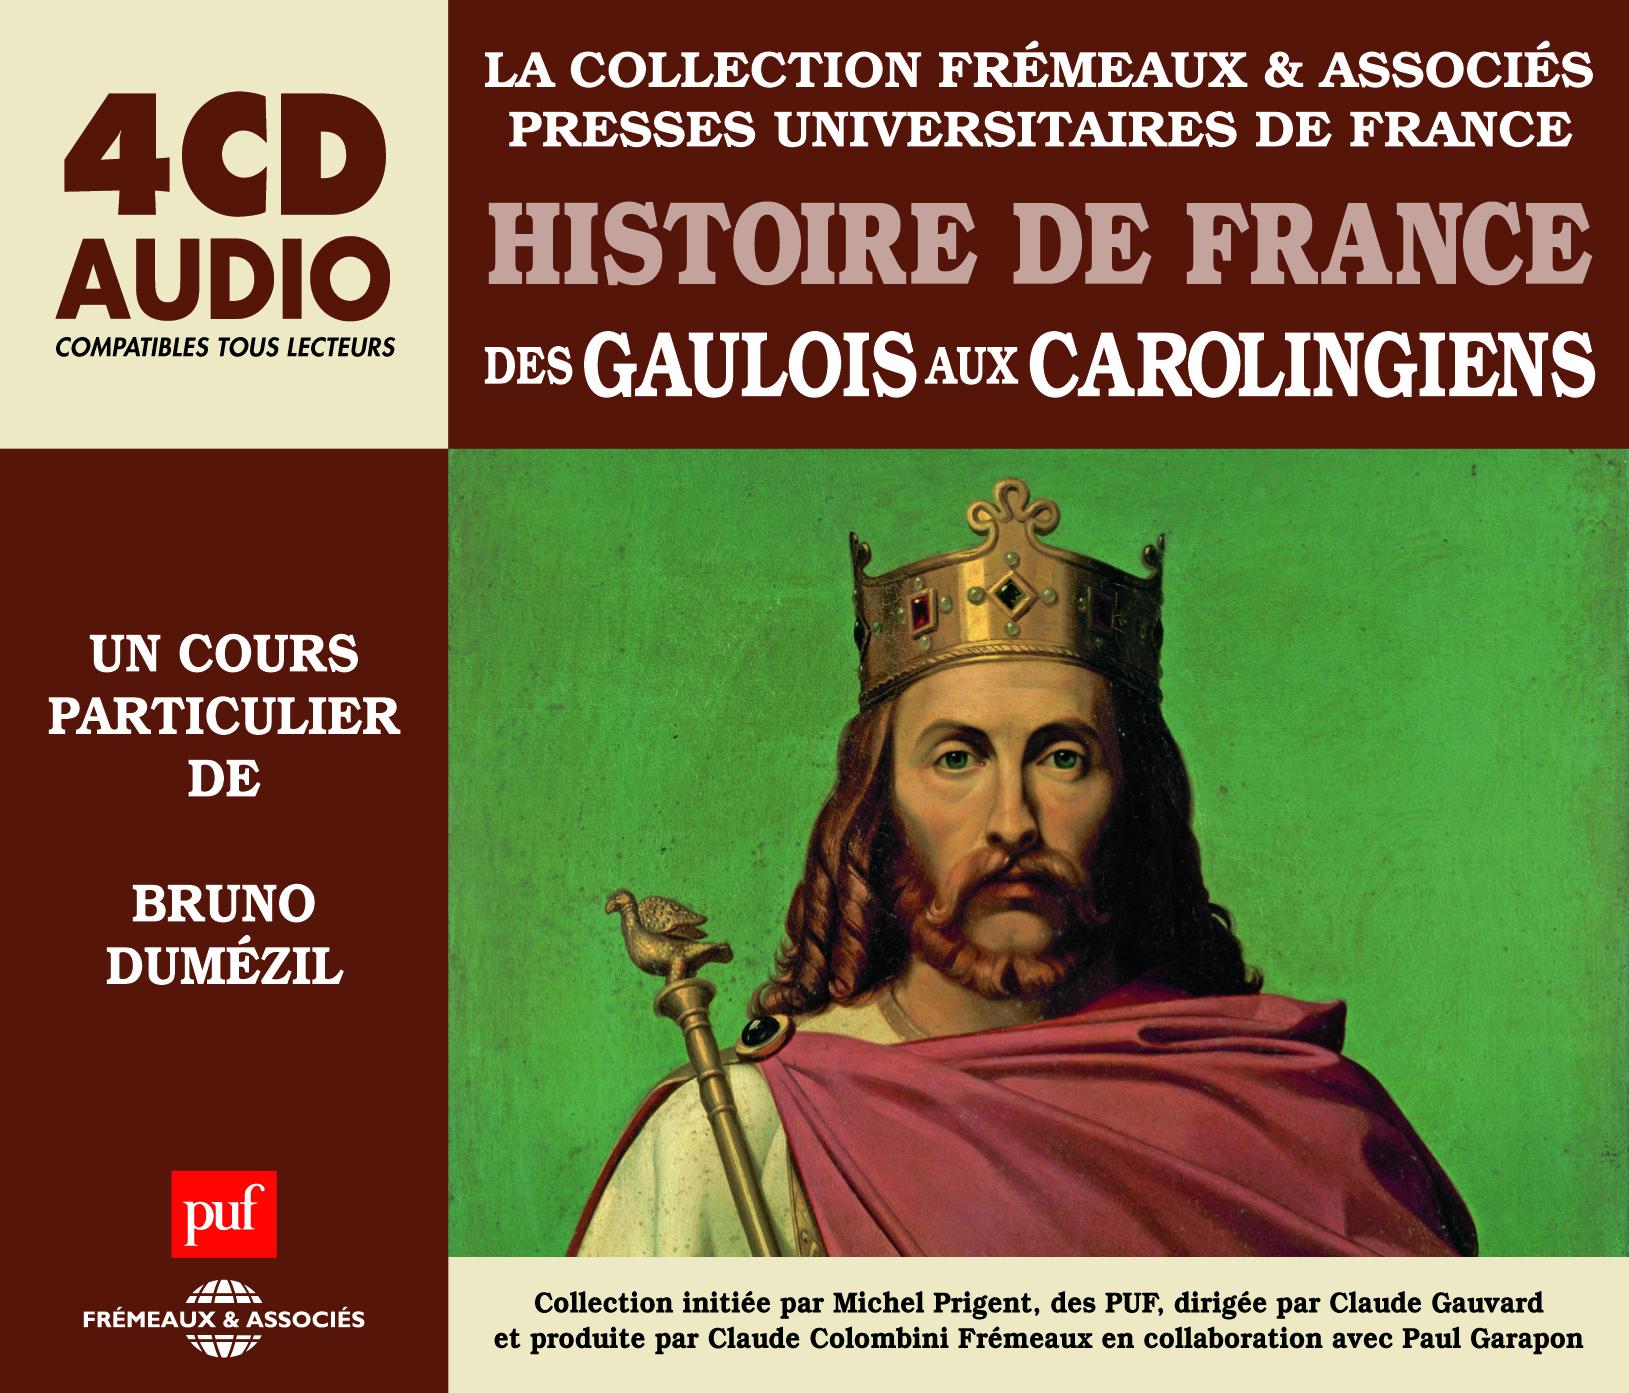 HISTOIRE DE FRANCE - DES GAULOIS AUX CAROLINGIENS - UN COURS PARTICULIER DE BRUNO DUMEZIL